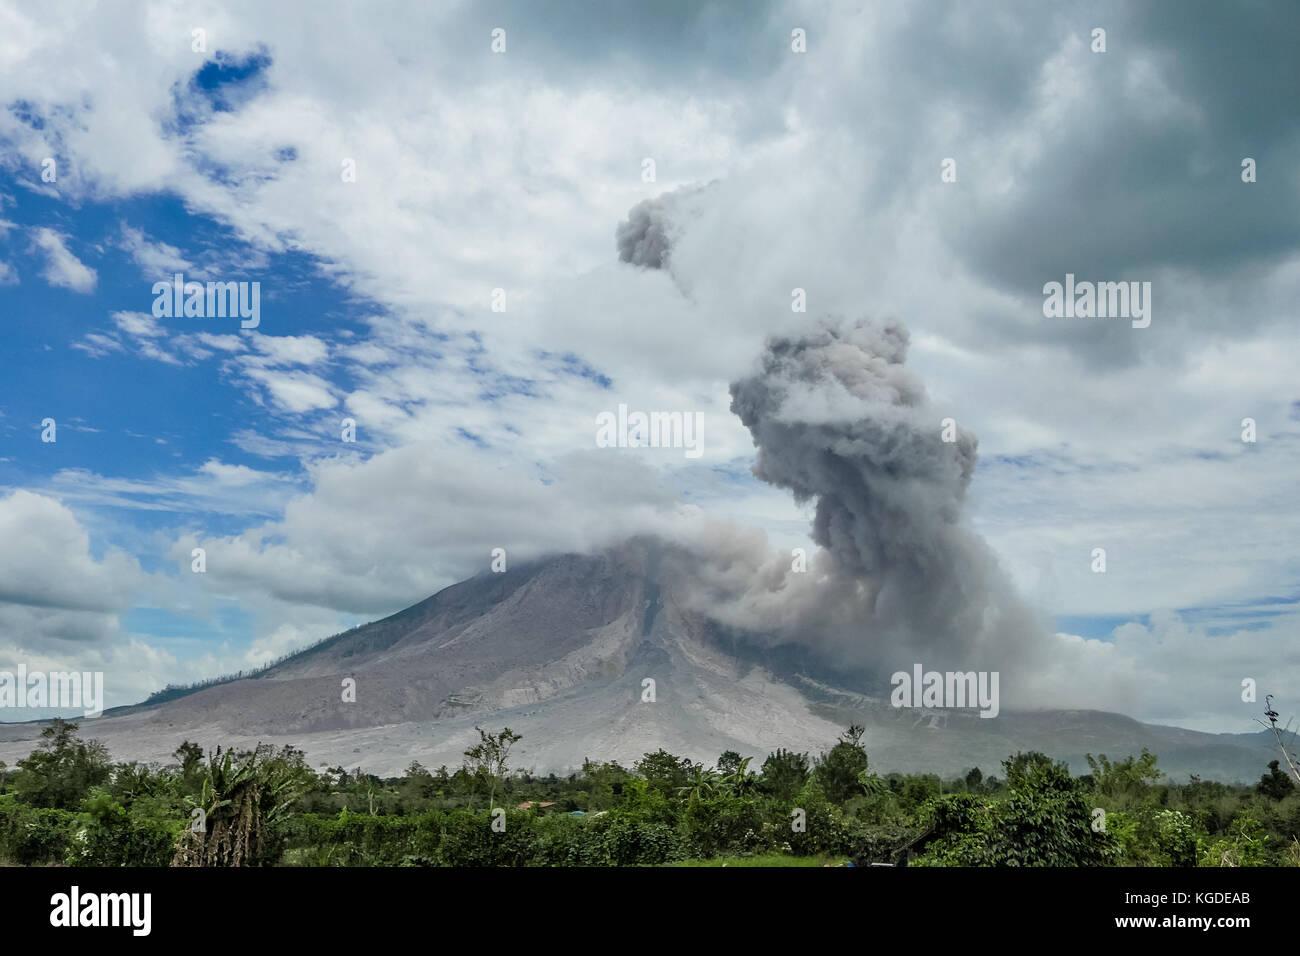 java sumatra stockfotos  java sumatra bilder  alamy